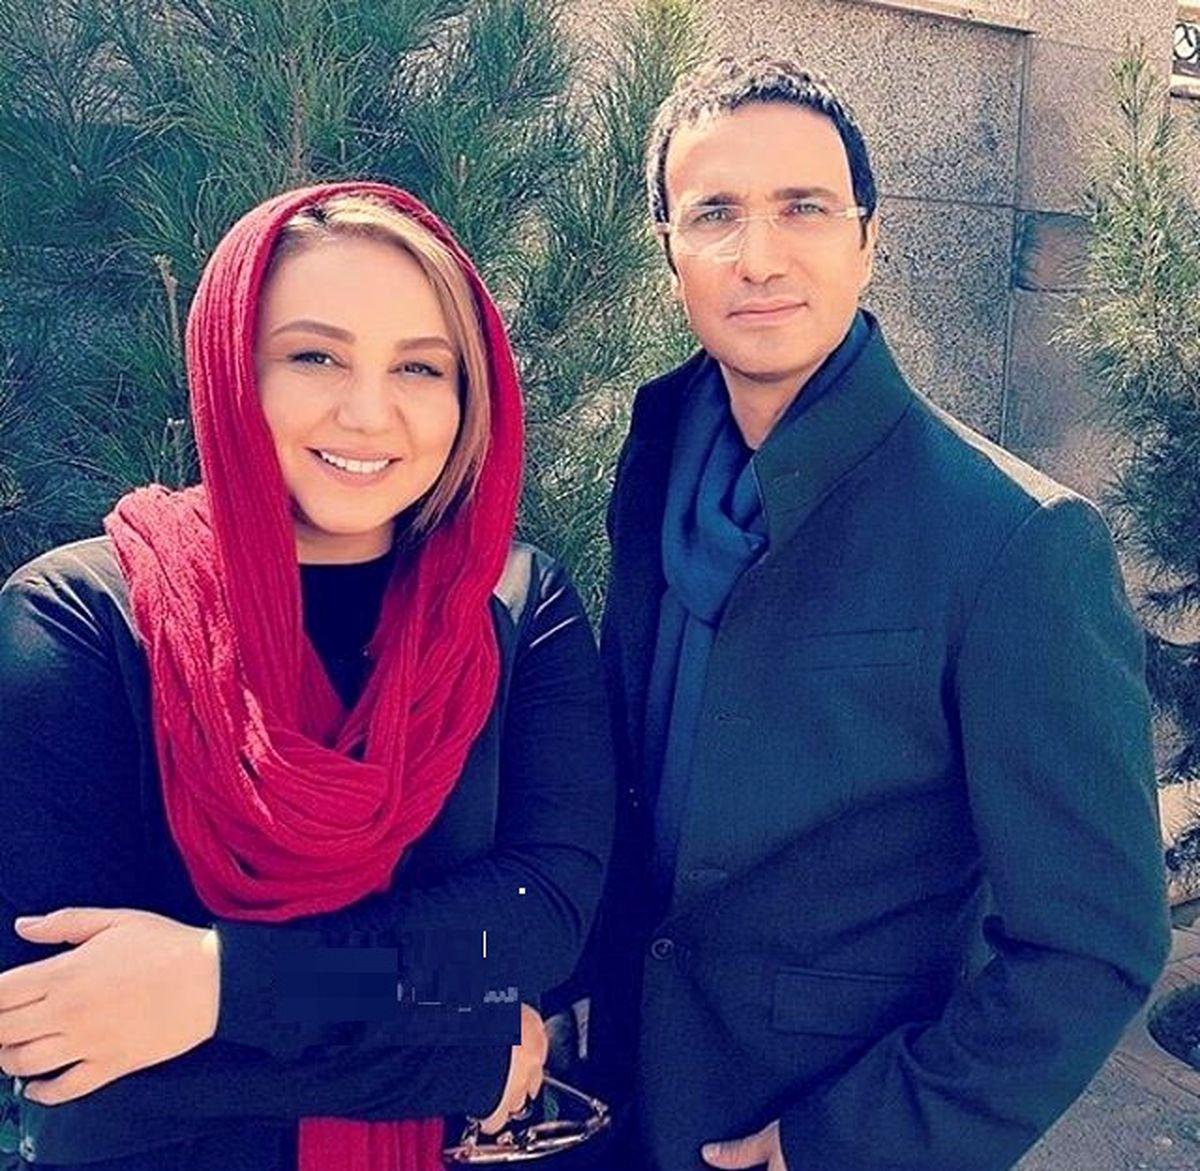 عکس دیده نشده از محمدرضا فروتن و همسرش لورفت + ماجرای تغییر جنسیت